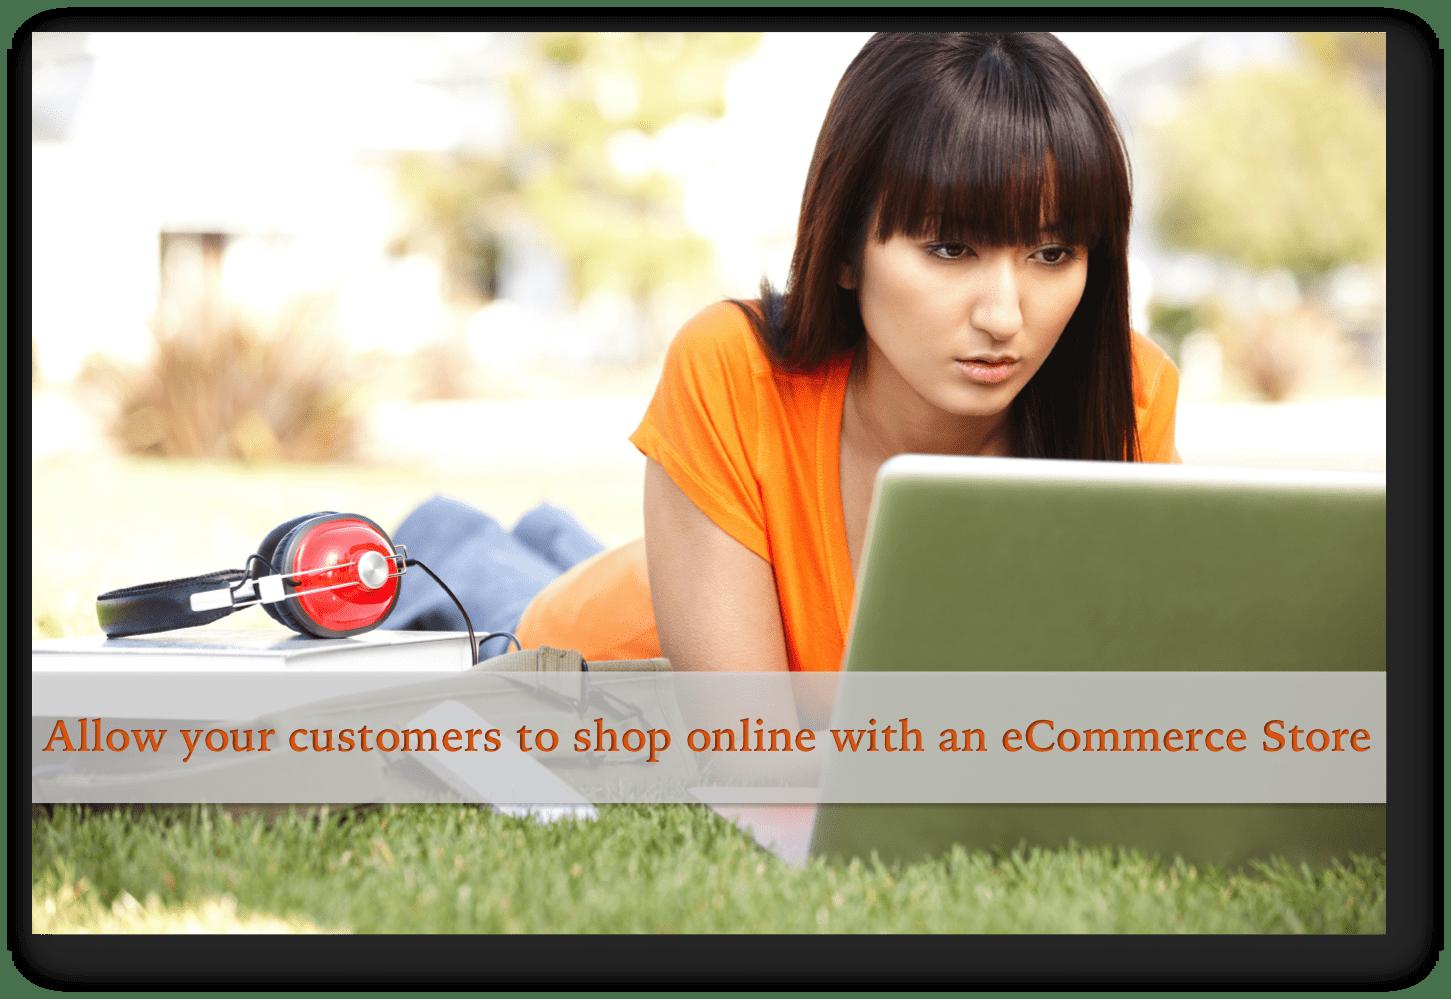 ecommerce_shop